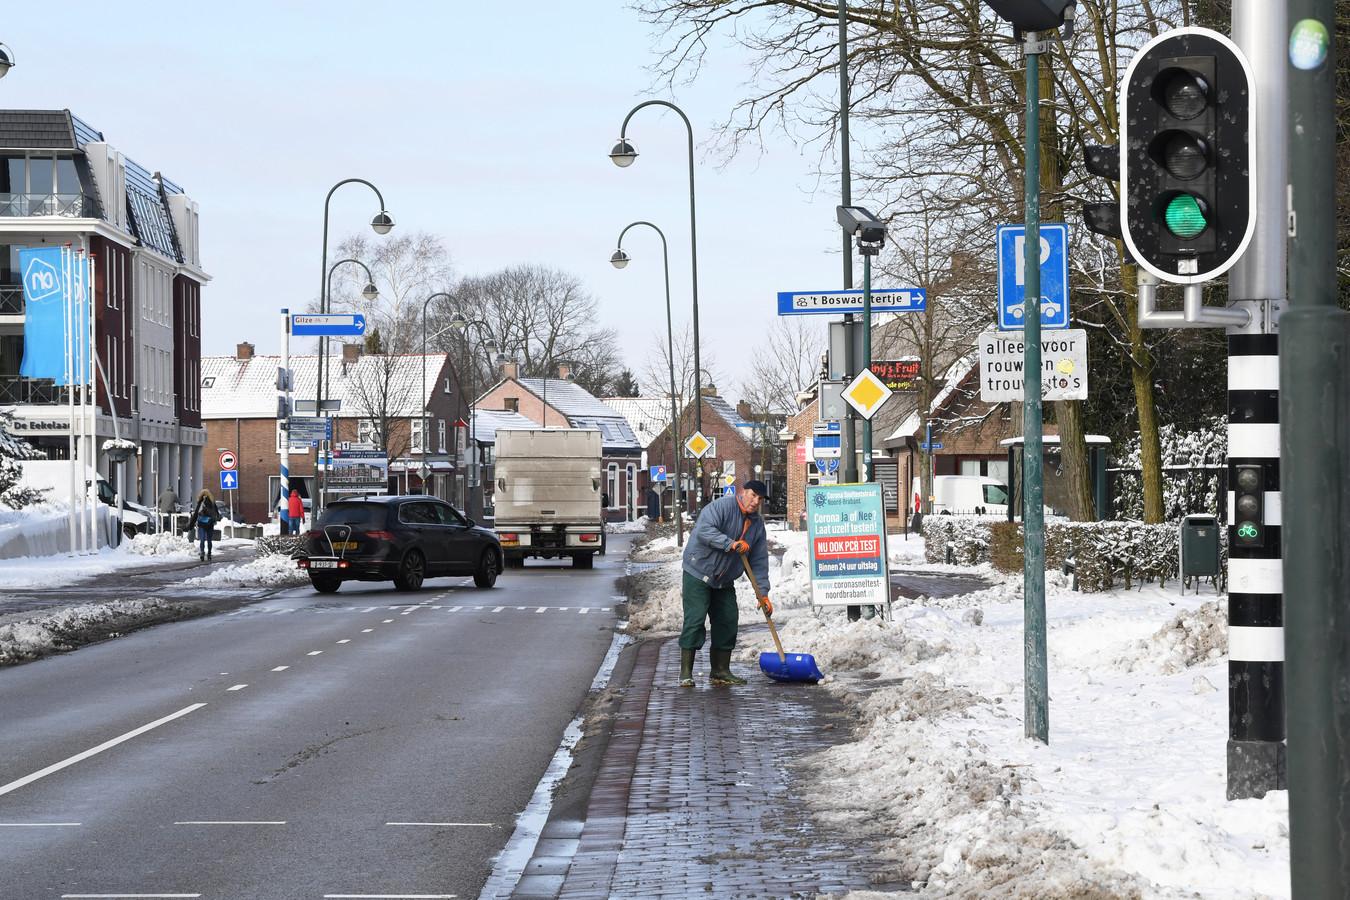 In Chaam wordt dit jaar de doorgaande weg, N639 (Dorpsstraat), aangepakt. En er is discussie over de mogelijke komst van een randweg.